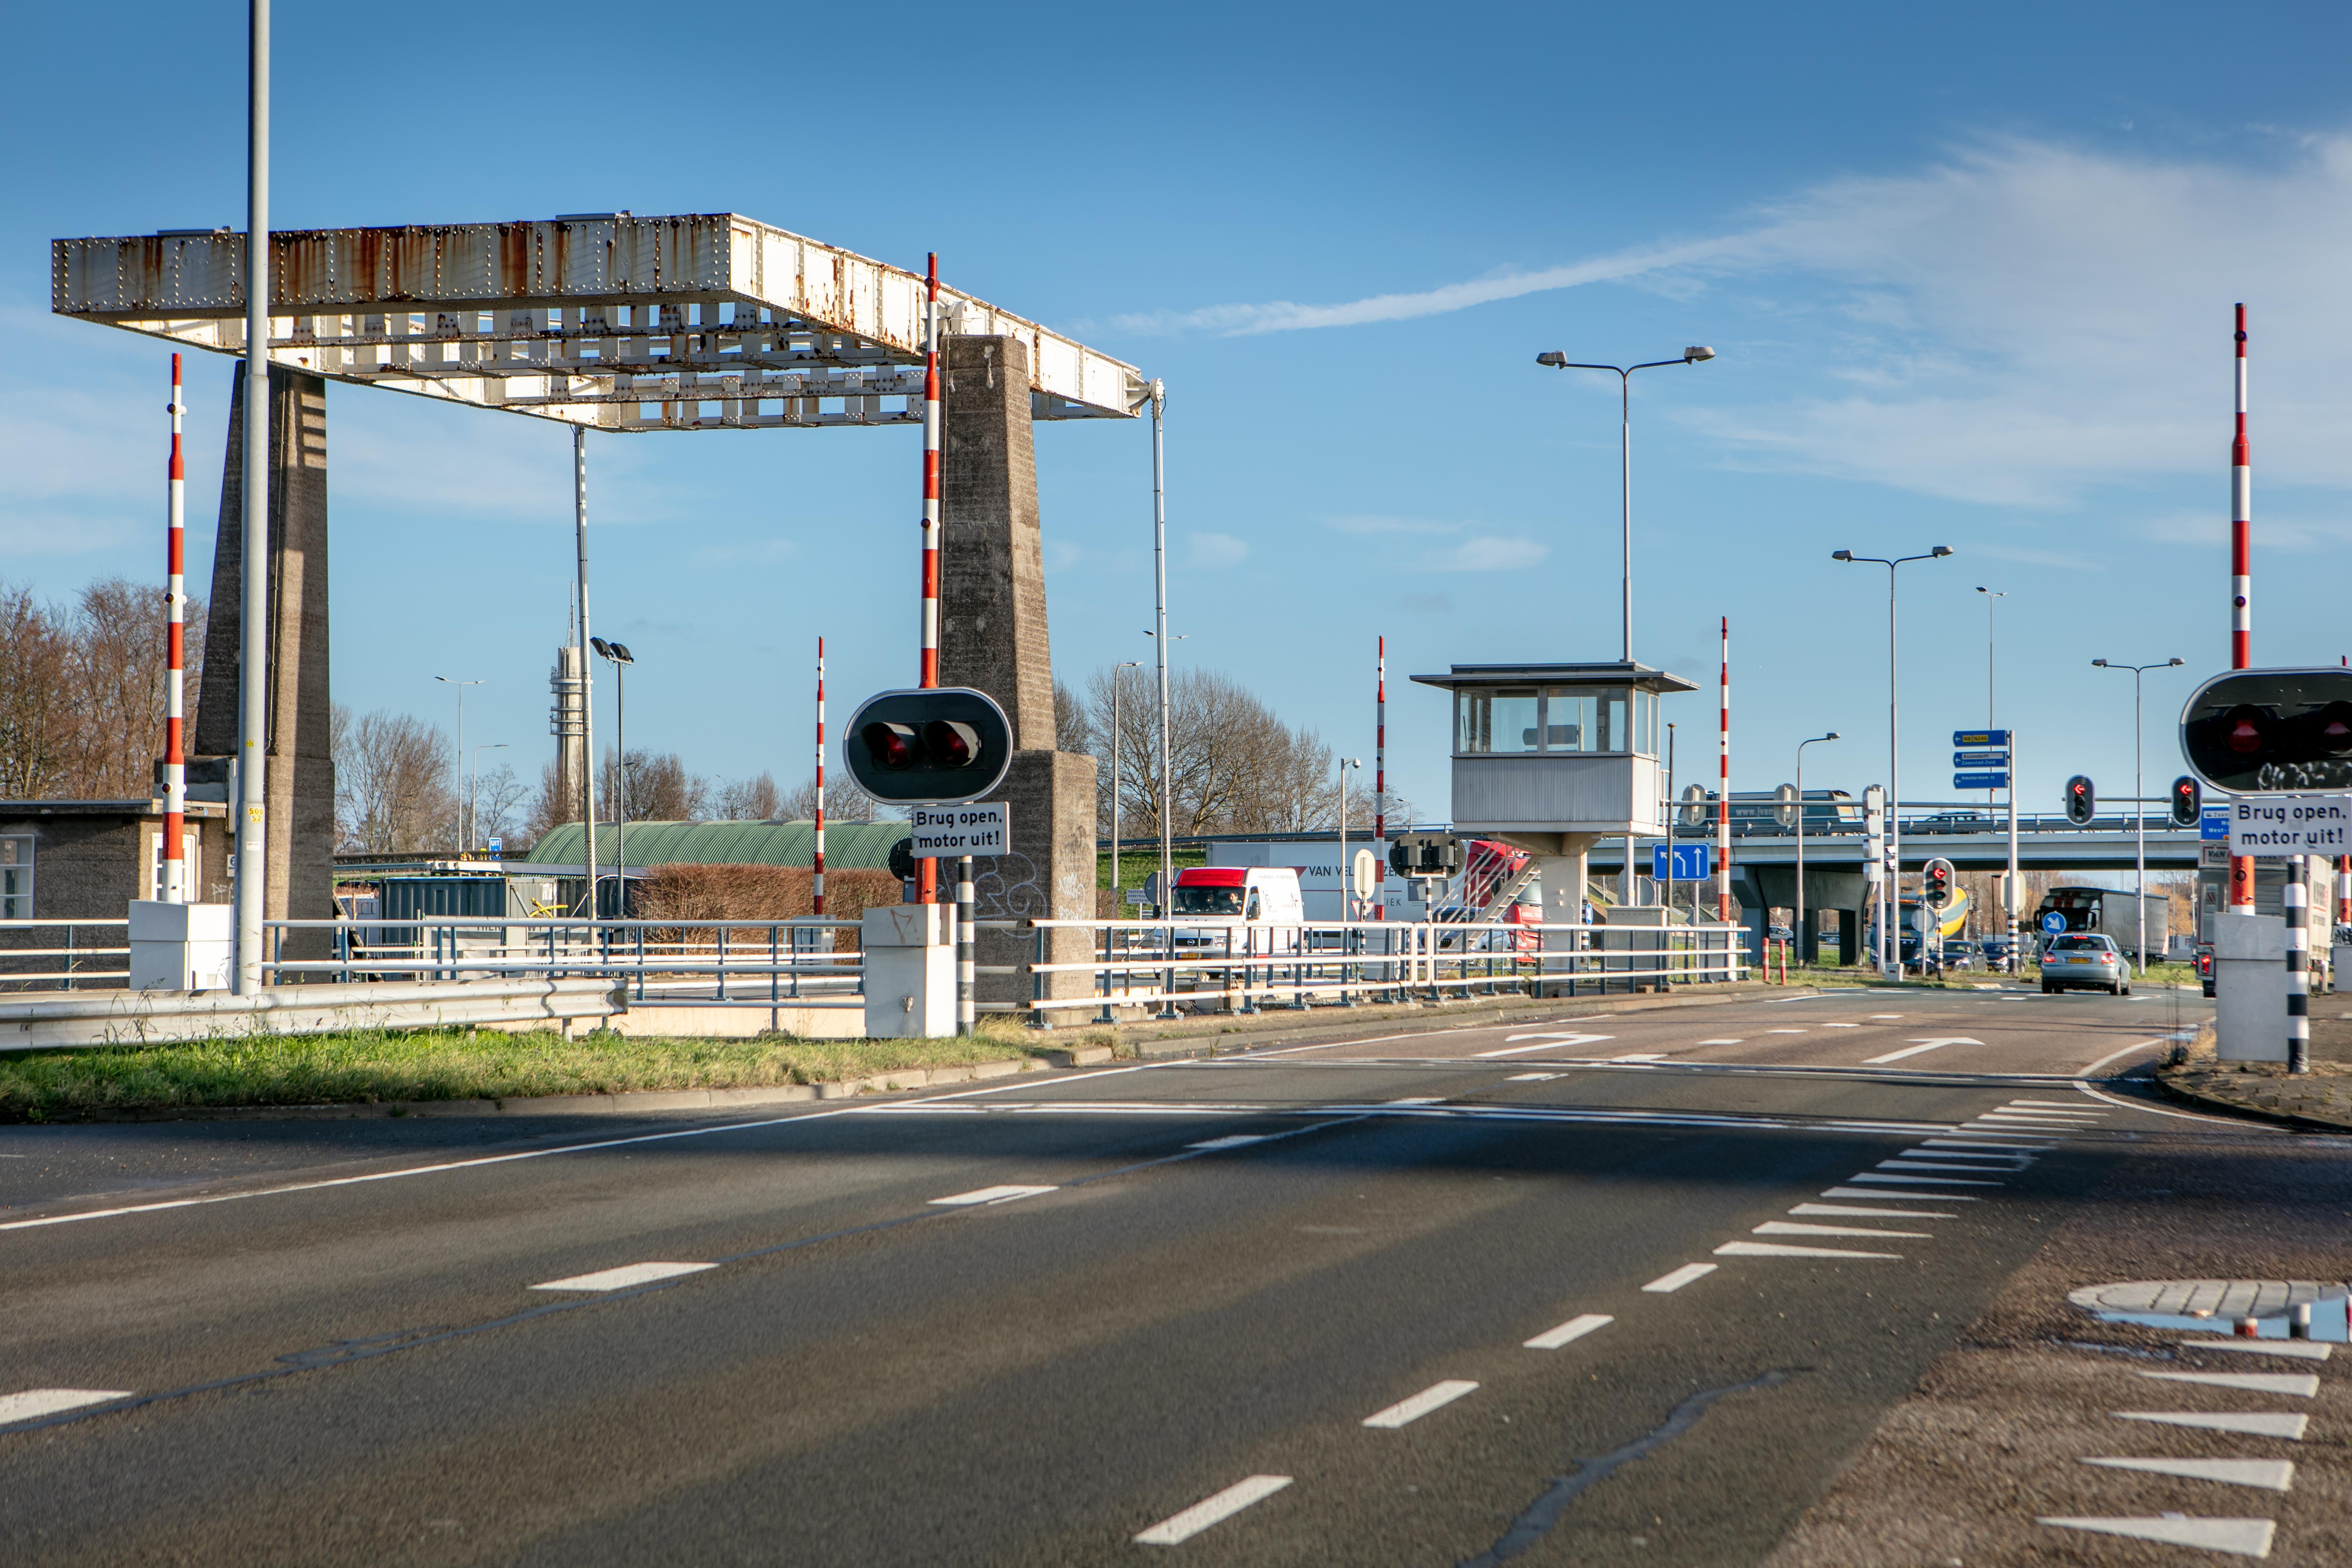 Verkeershinder door sluiting van brug in N203 Krommenie